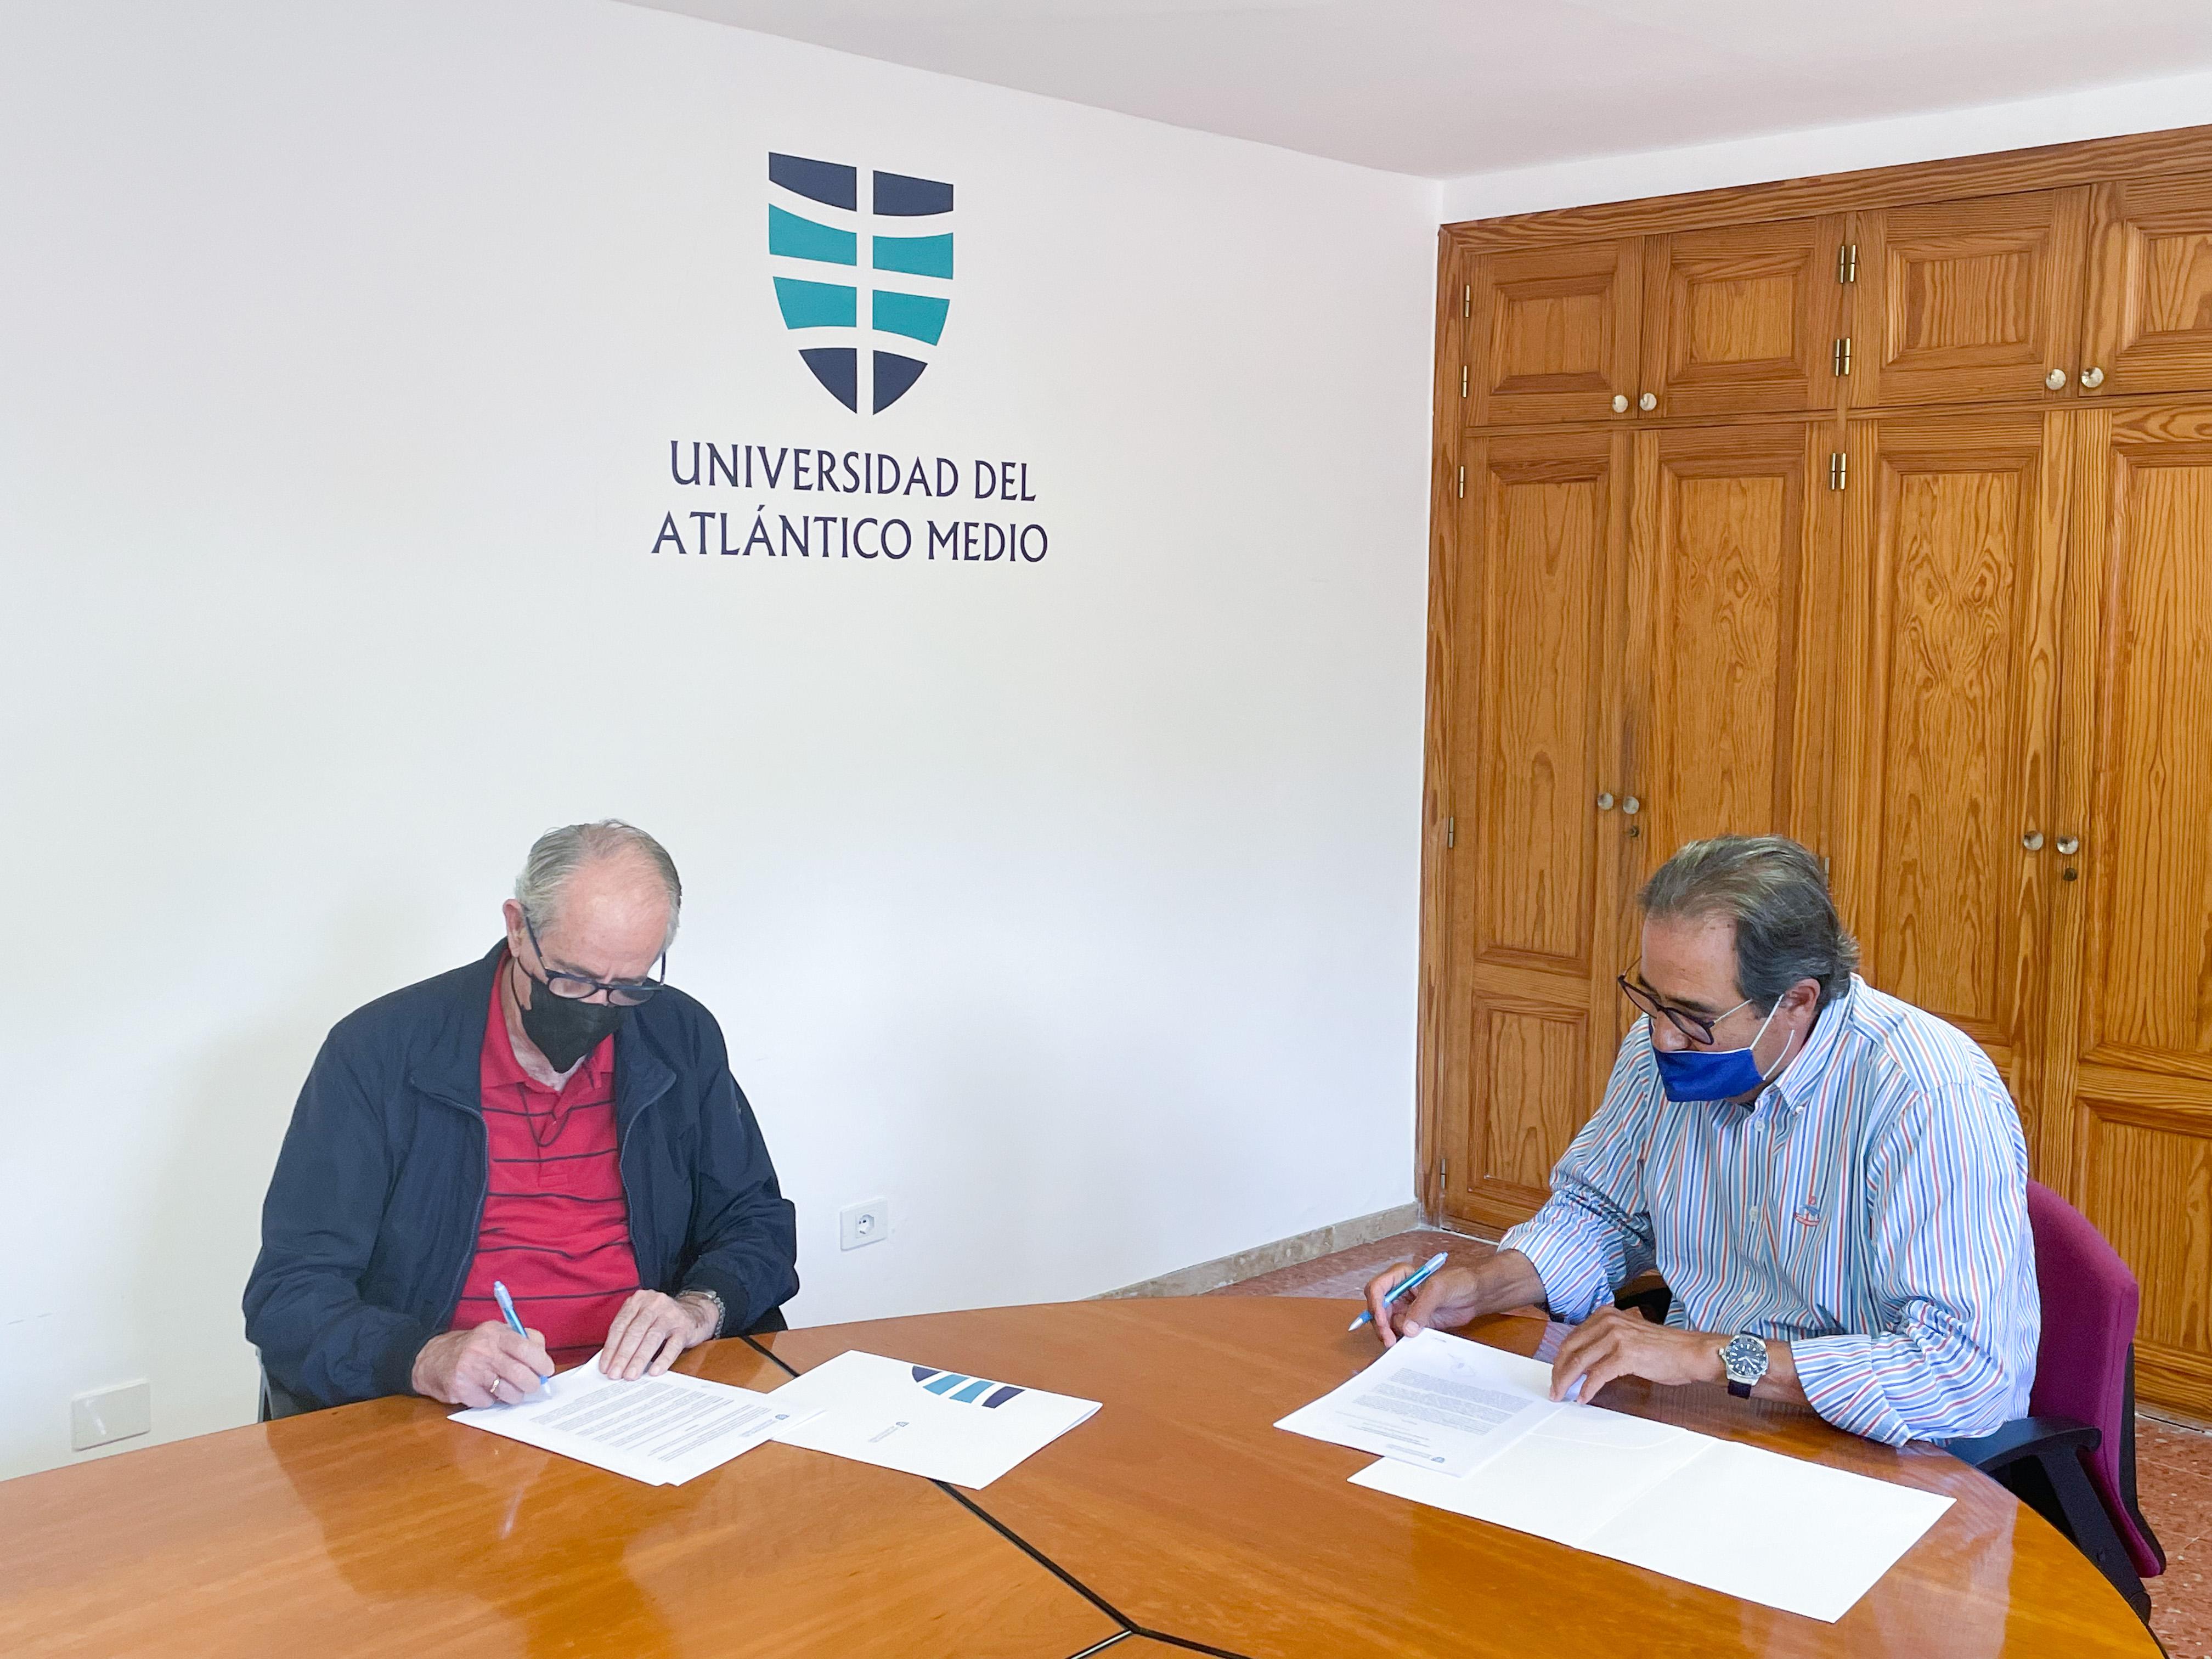 Convenio entre la Universidad del Atlántico Medio y el Banco de Alimentos de Las Palmas / CanariasNoticias.es